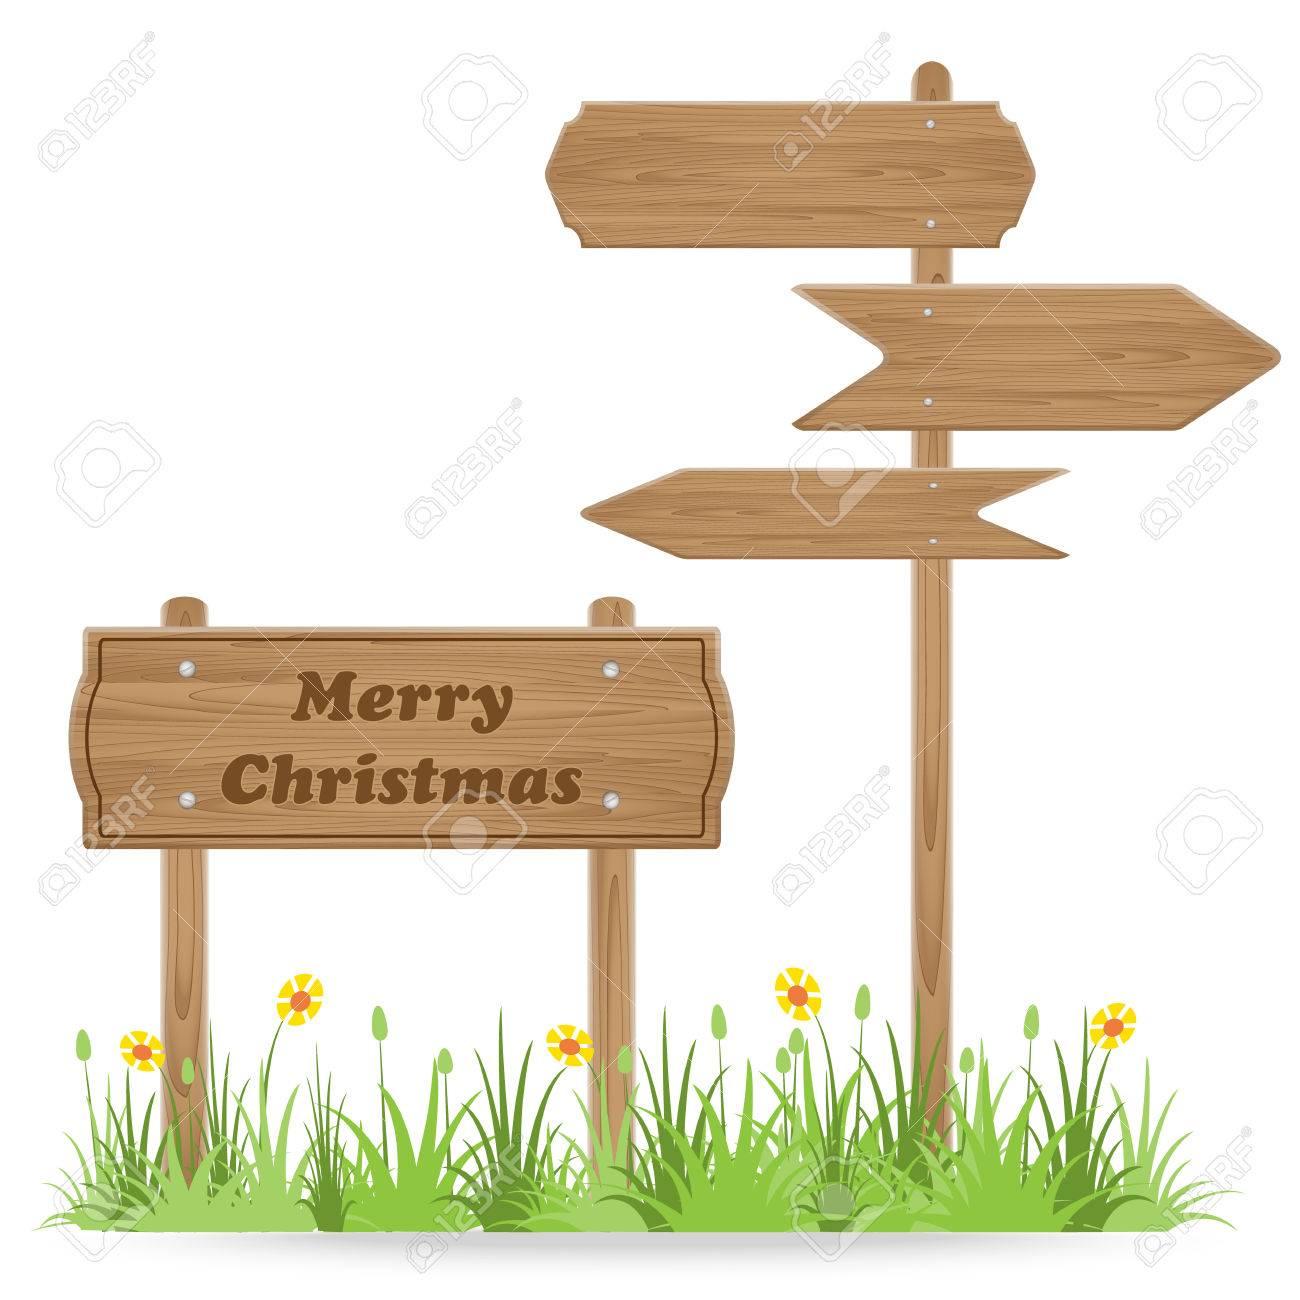 Texte Joyeux Noël Sur Panneau En Bois Avec Herbe Fleur Isolé Sur